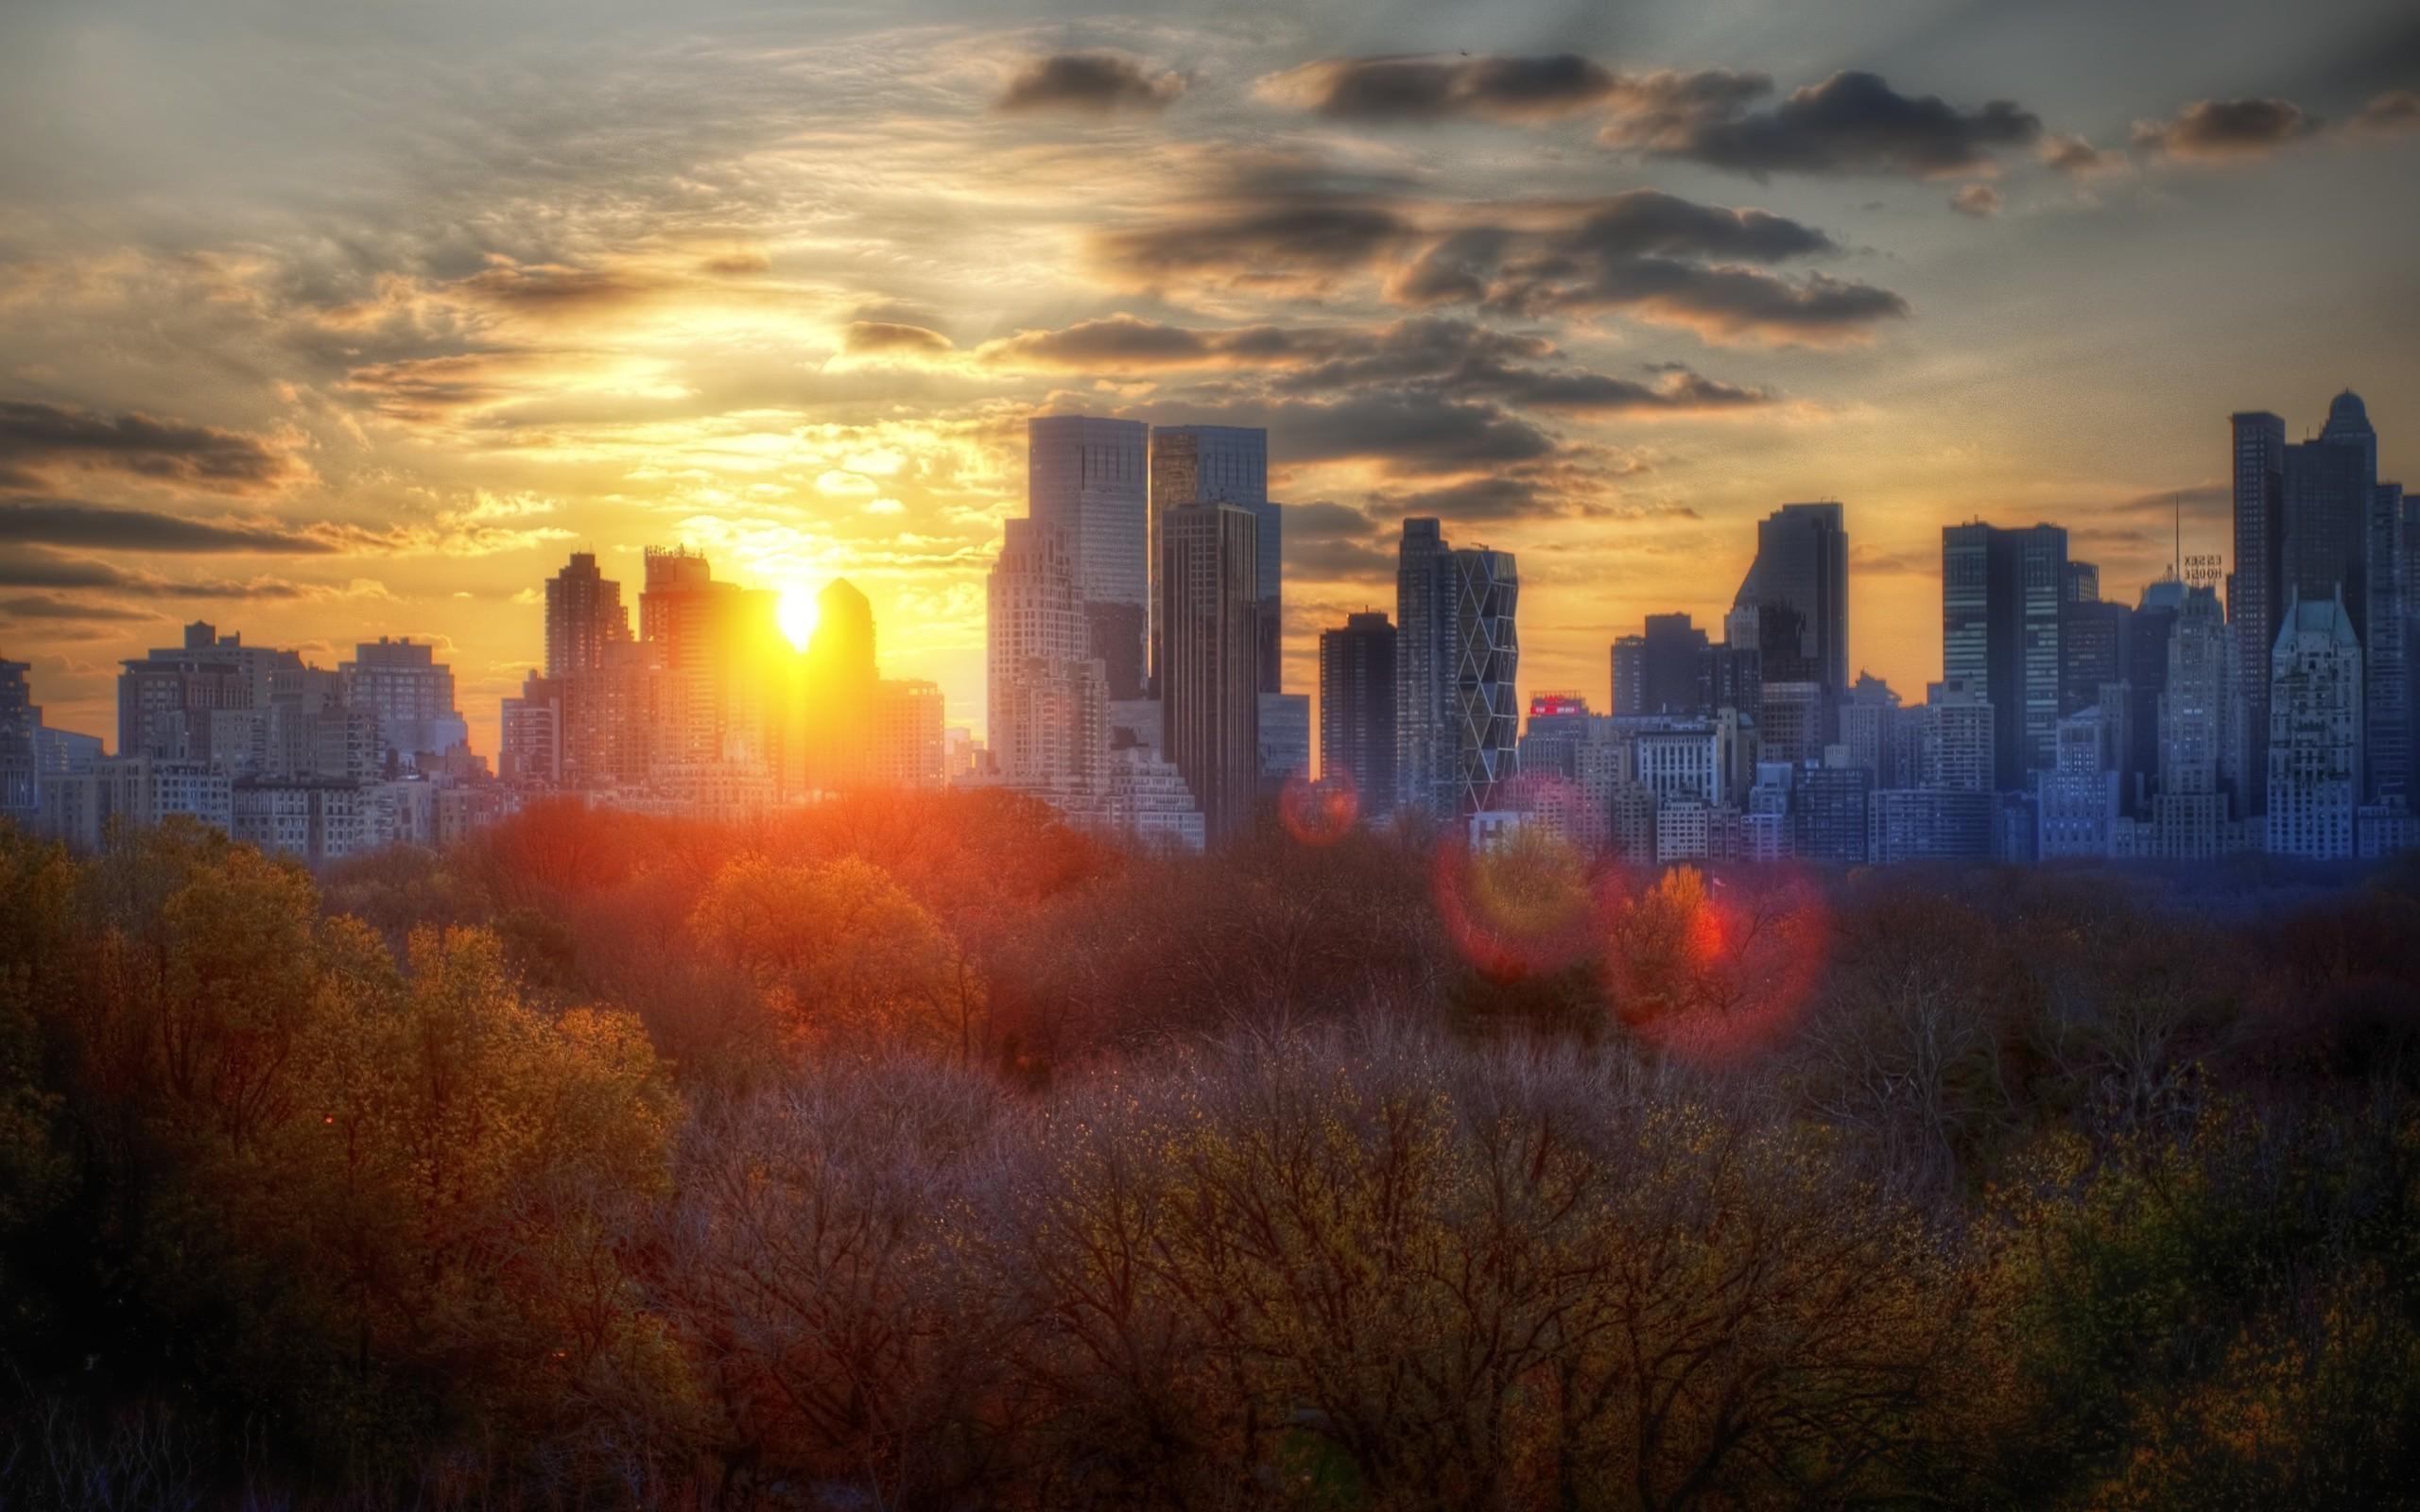 New York City Sunrise Wallpaper 4K Wide Screen Wallpaper 1080p2K4K 2560x1600